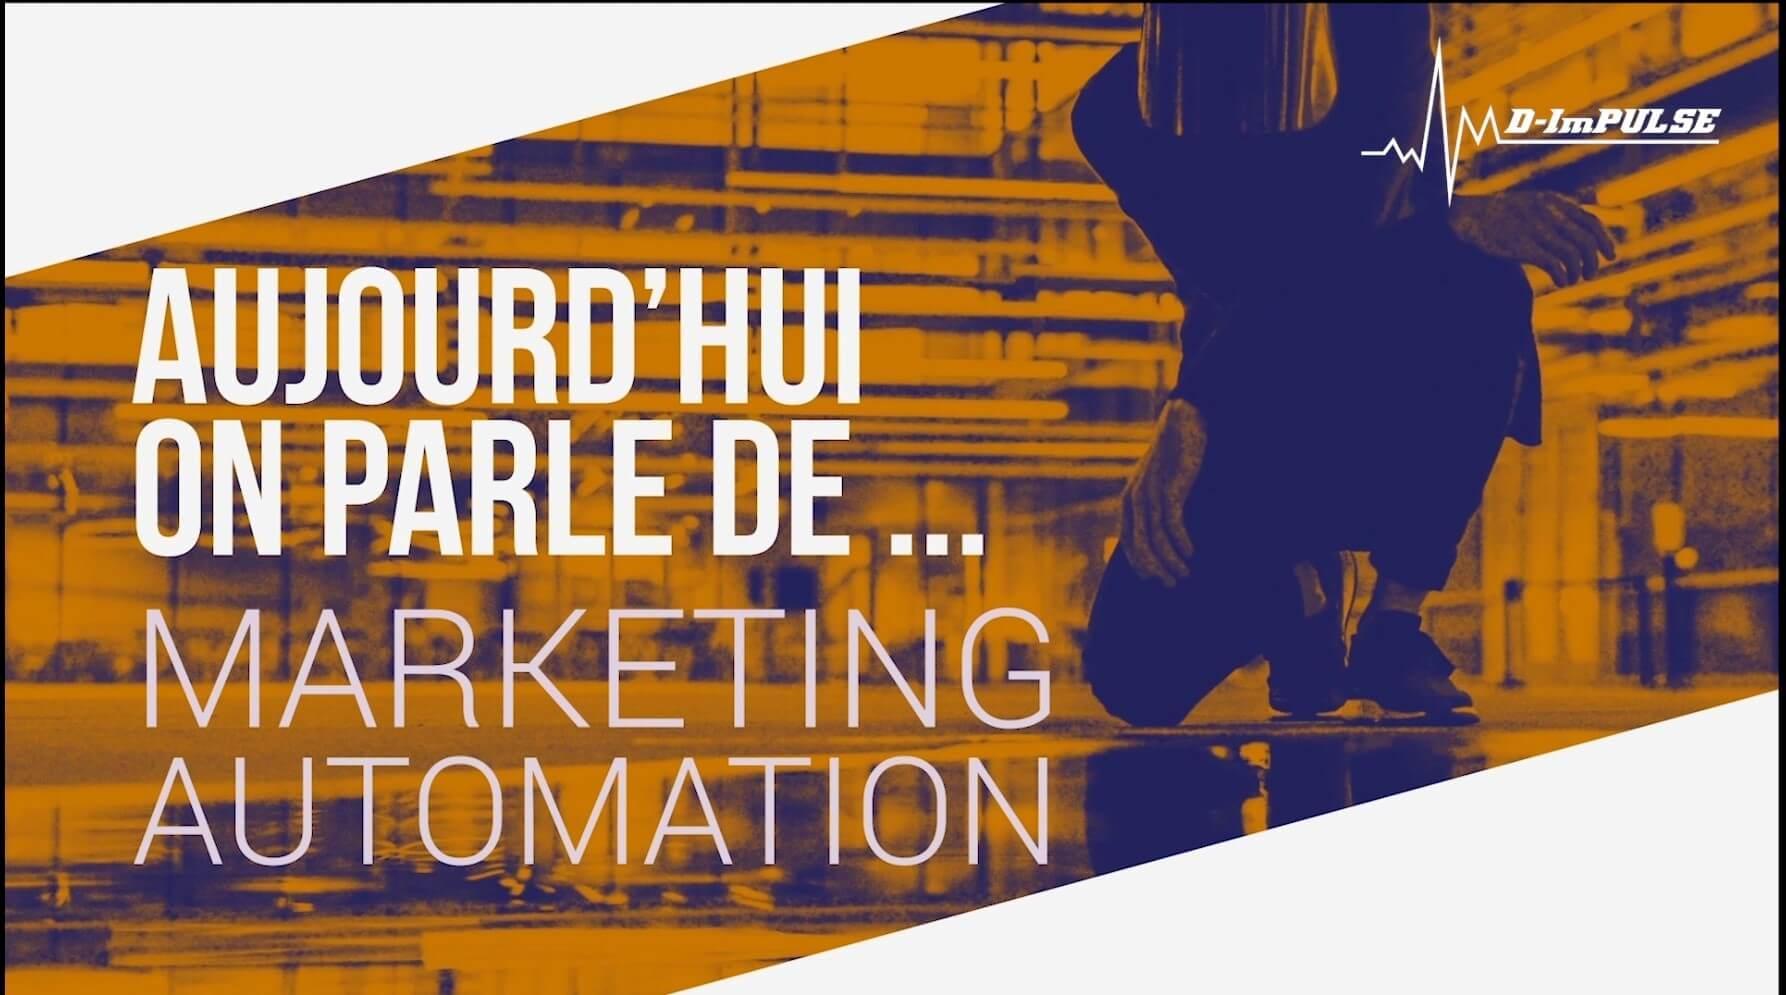 Aujourd'hui on parle de … Marketing Automation avec Stéphane Duwicquet